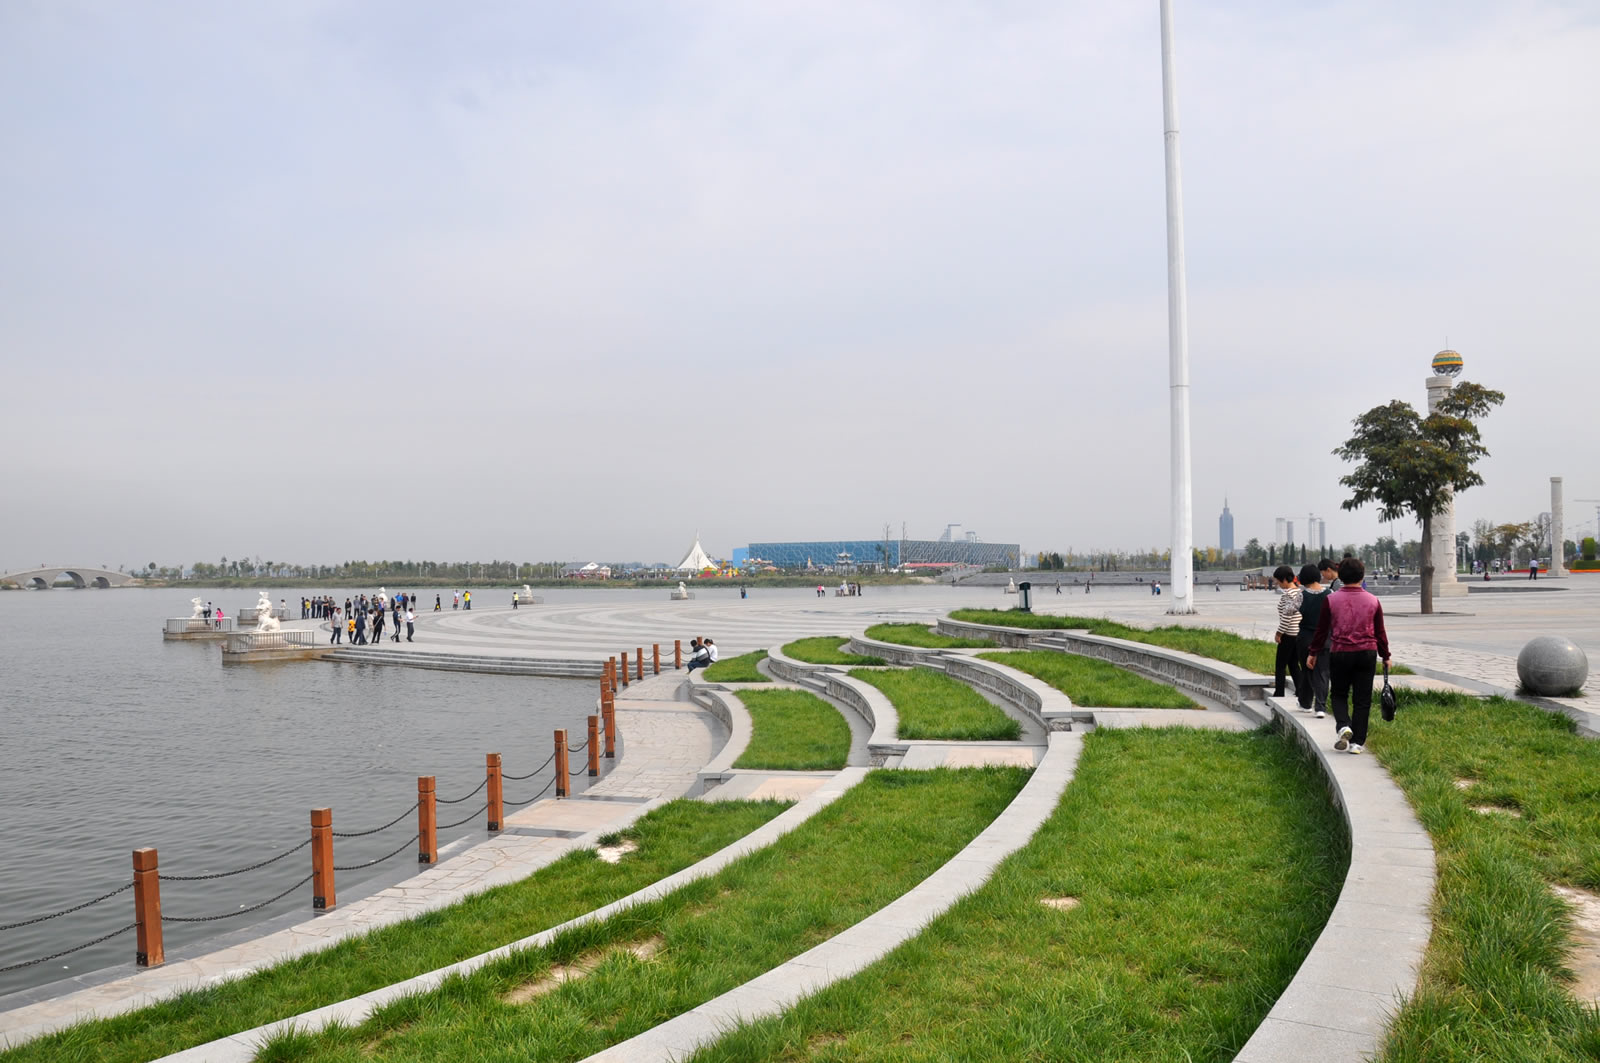 南部属冀州管辖,衡水湖南湖畔冀州建设了滨湖公园,景色不错.